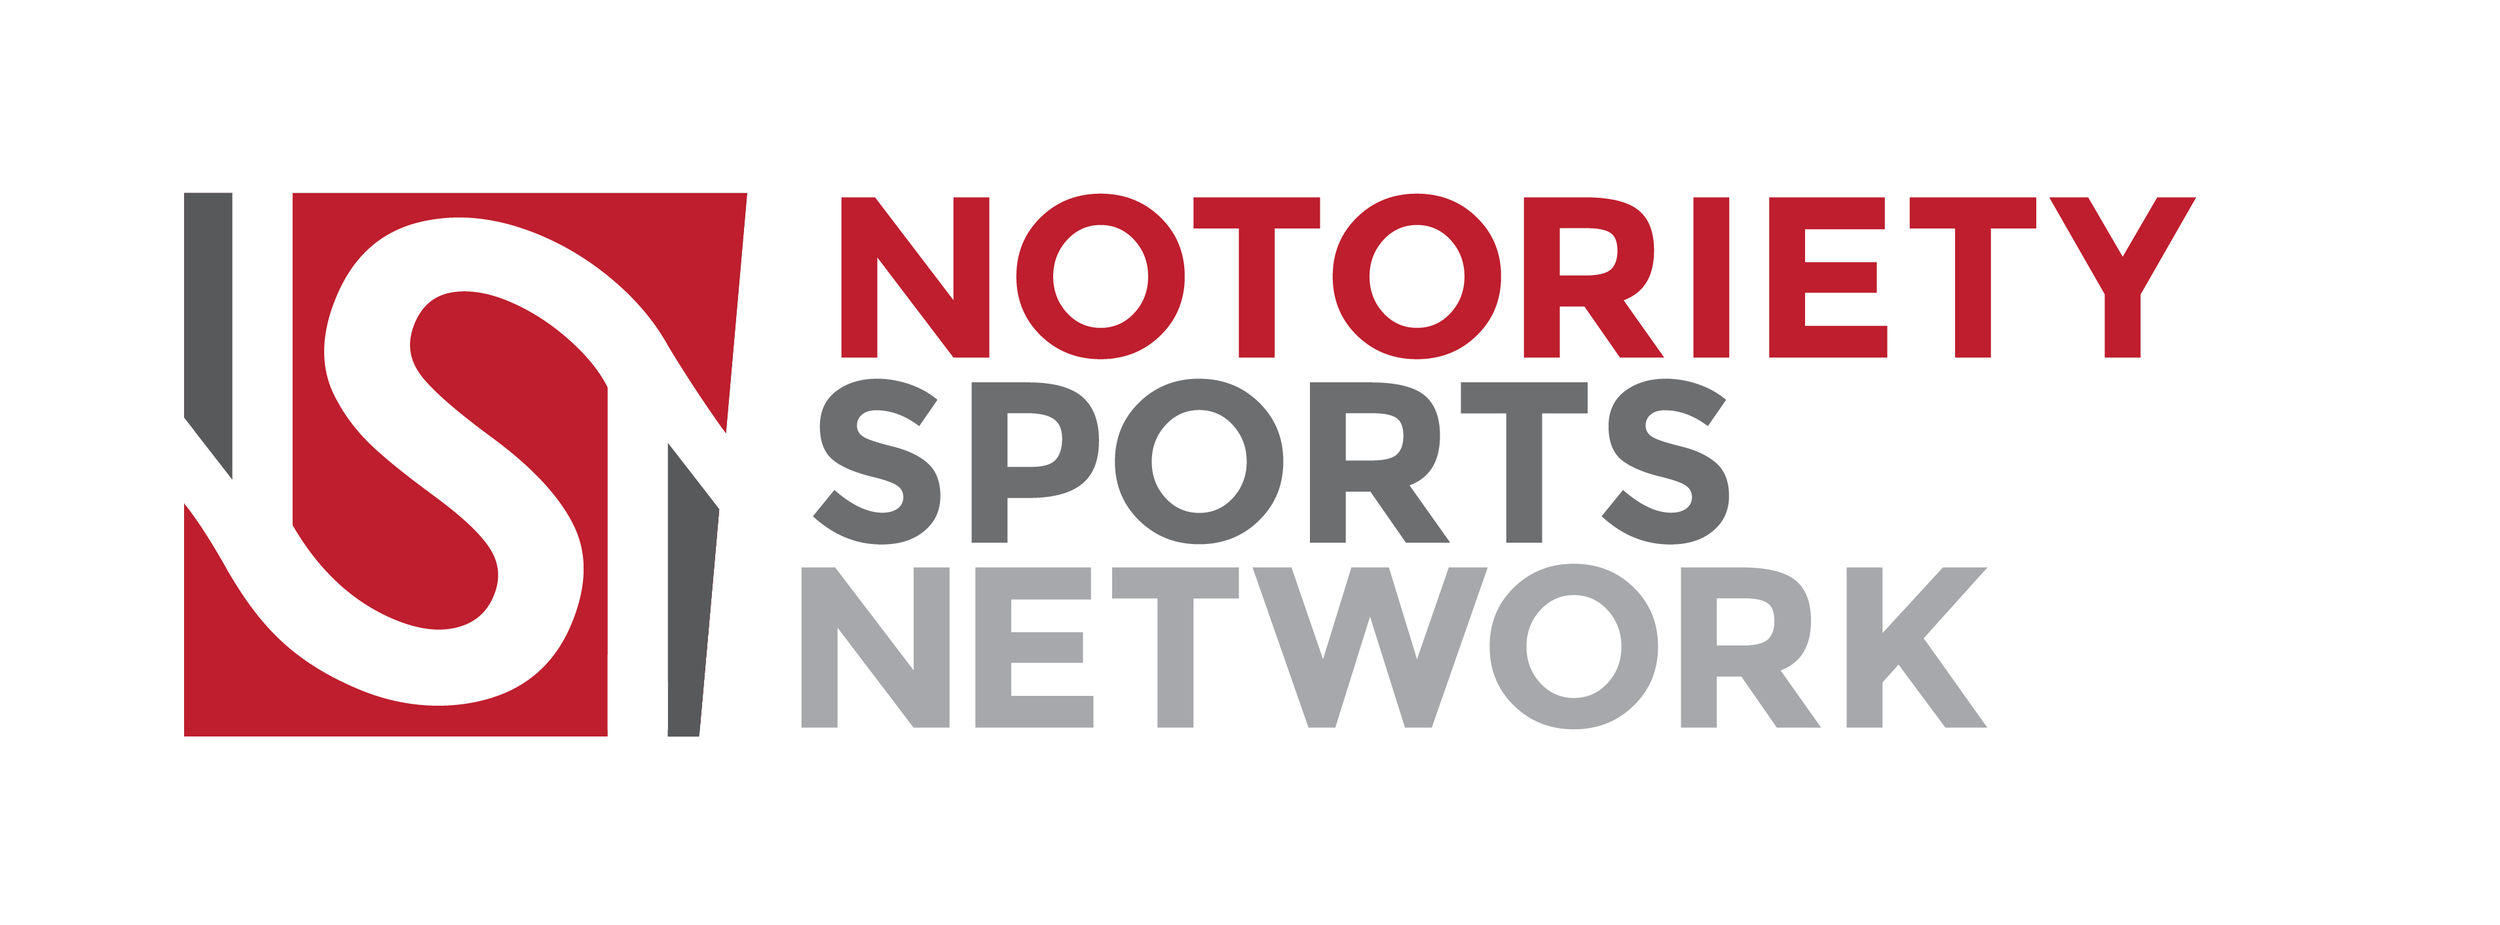 Notoriety Sports Network full logo